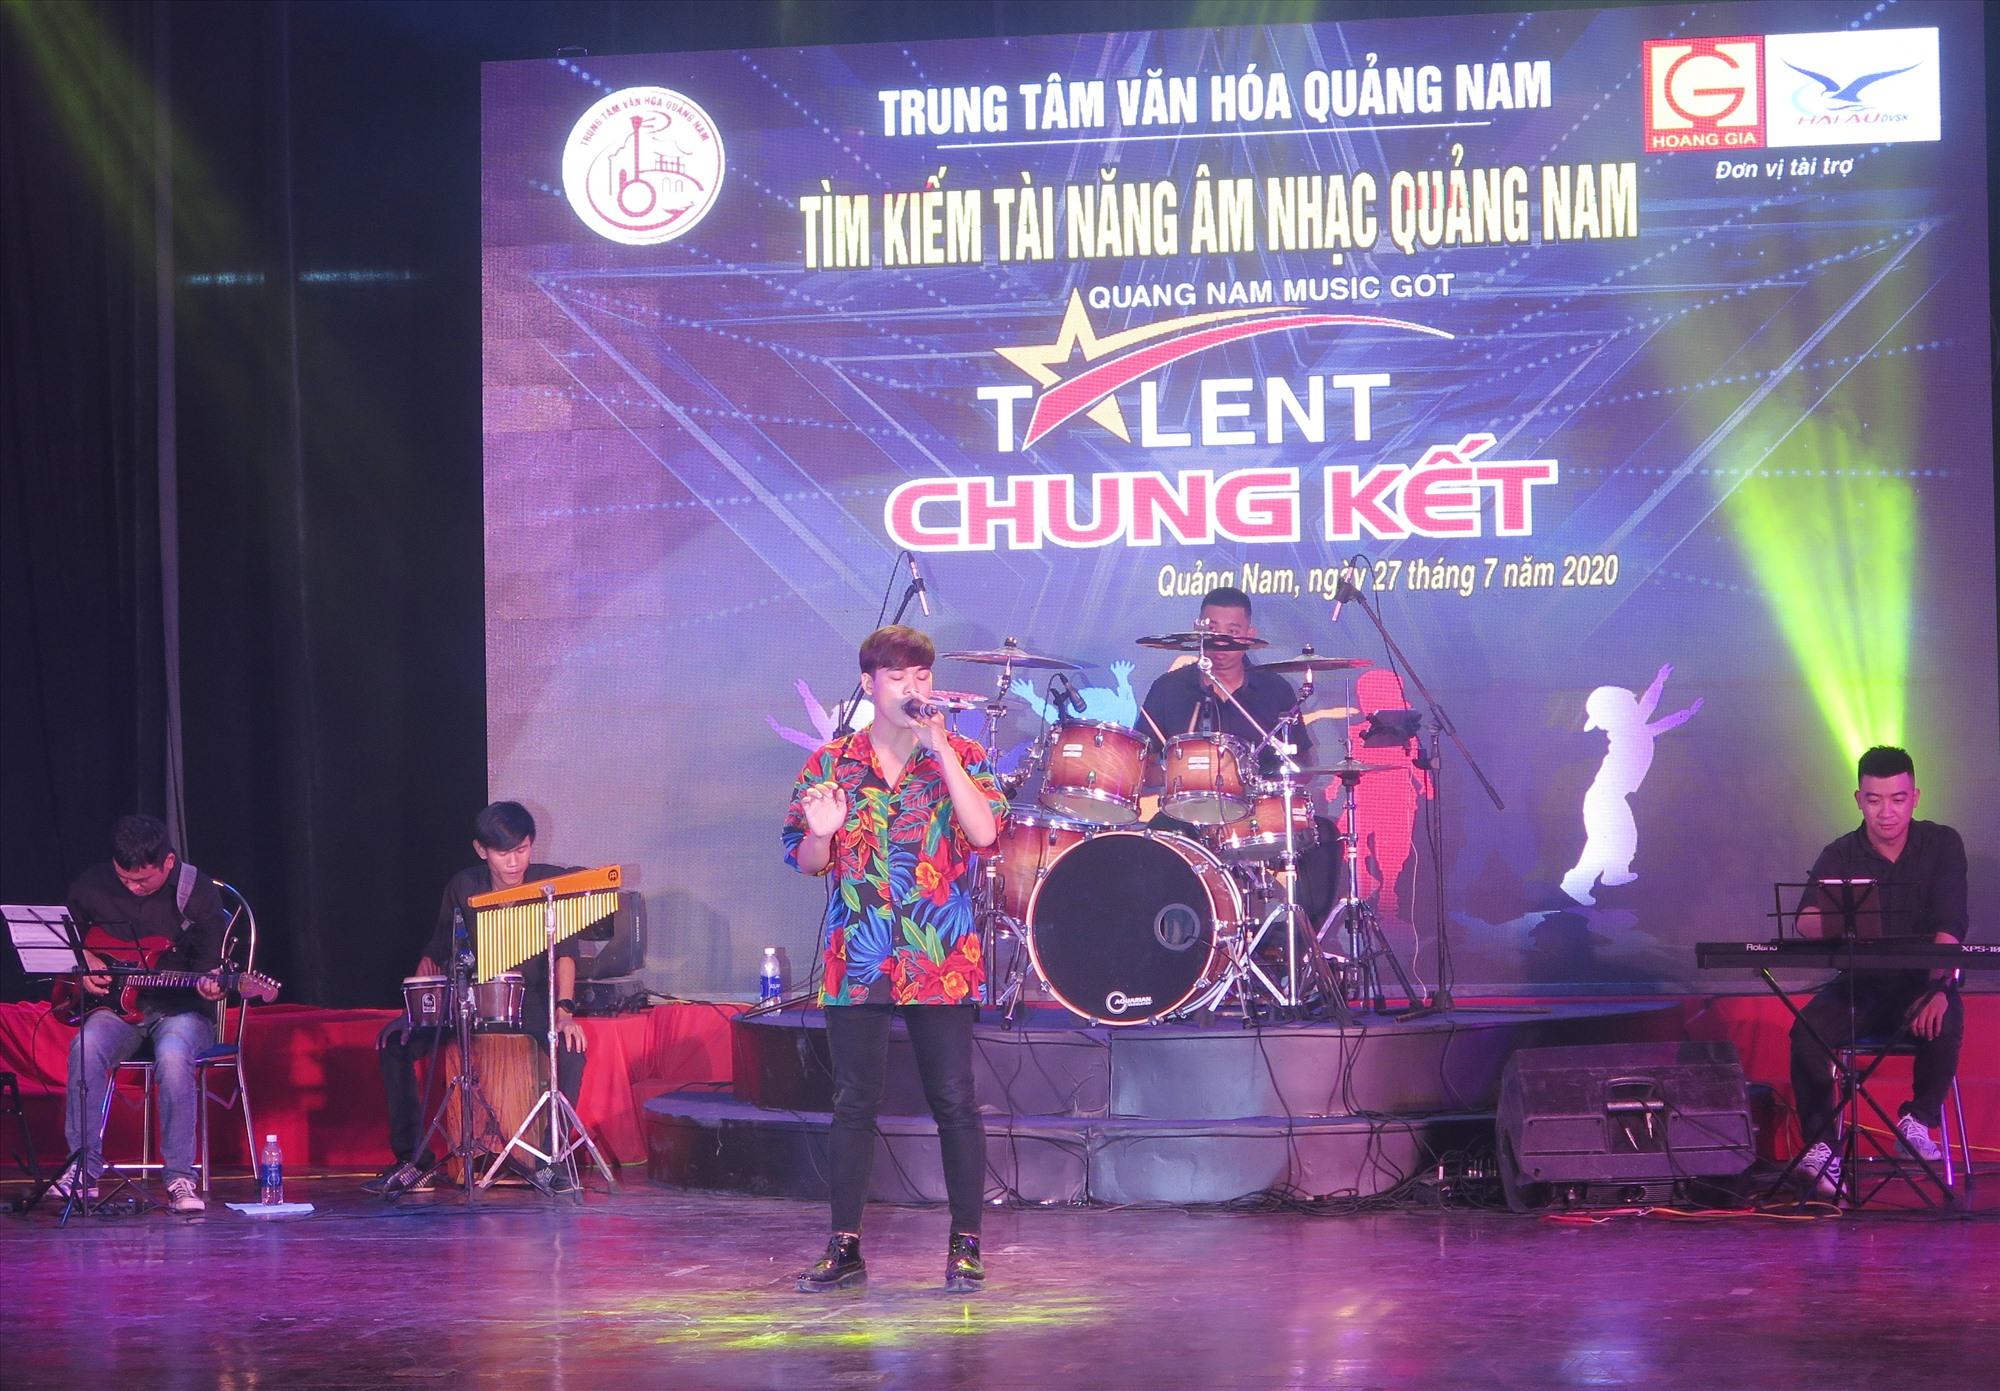 Sân chơi Tìm kiếm tài năng âm nhạc thu hút nhiều bạn trẻ tham gia. Ảnh: X.H